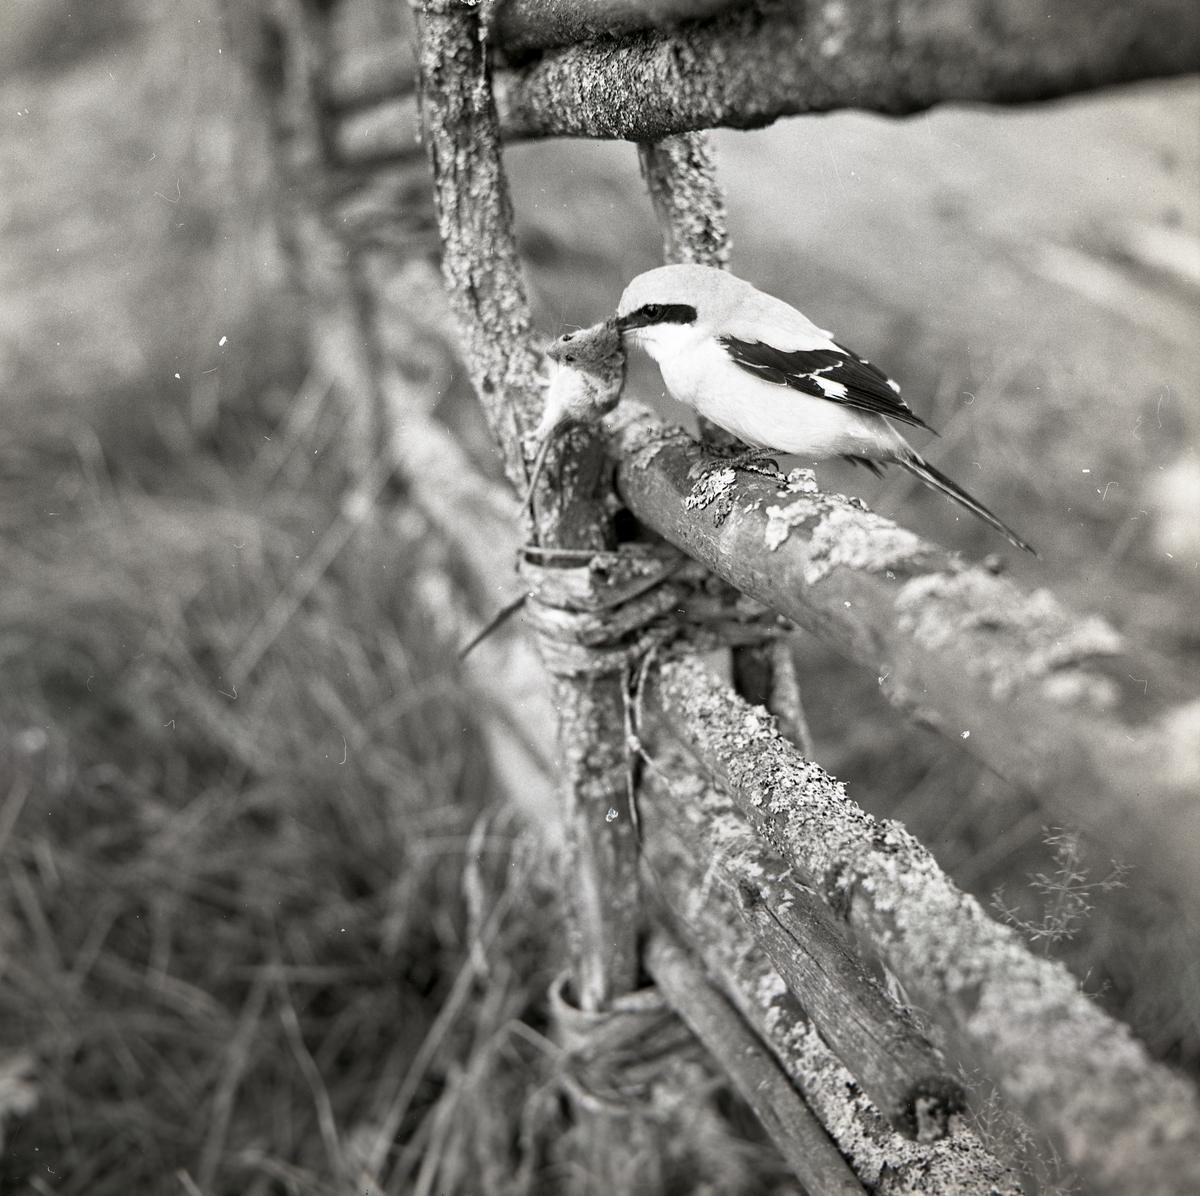 En varfågel har fångat en mus och sitter på en snedhage under hösten 1968.